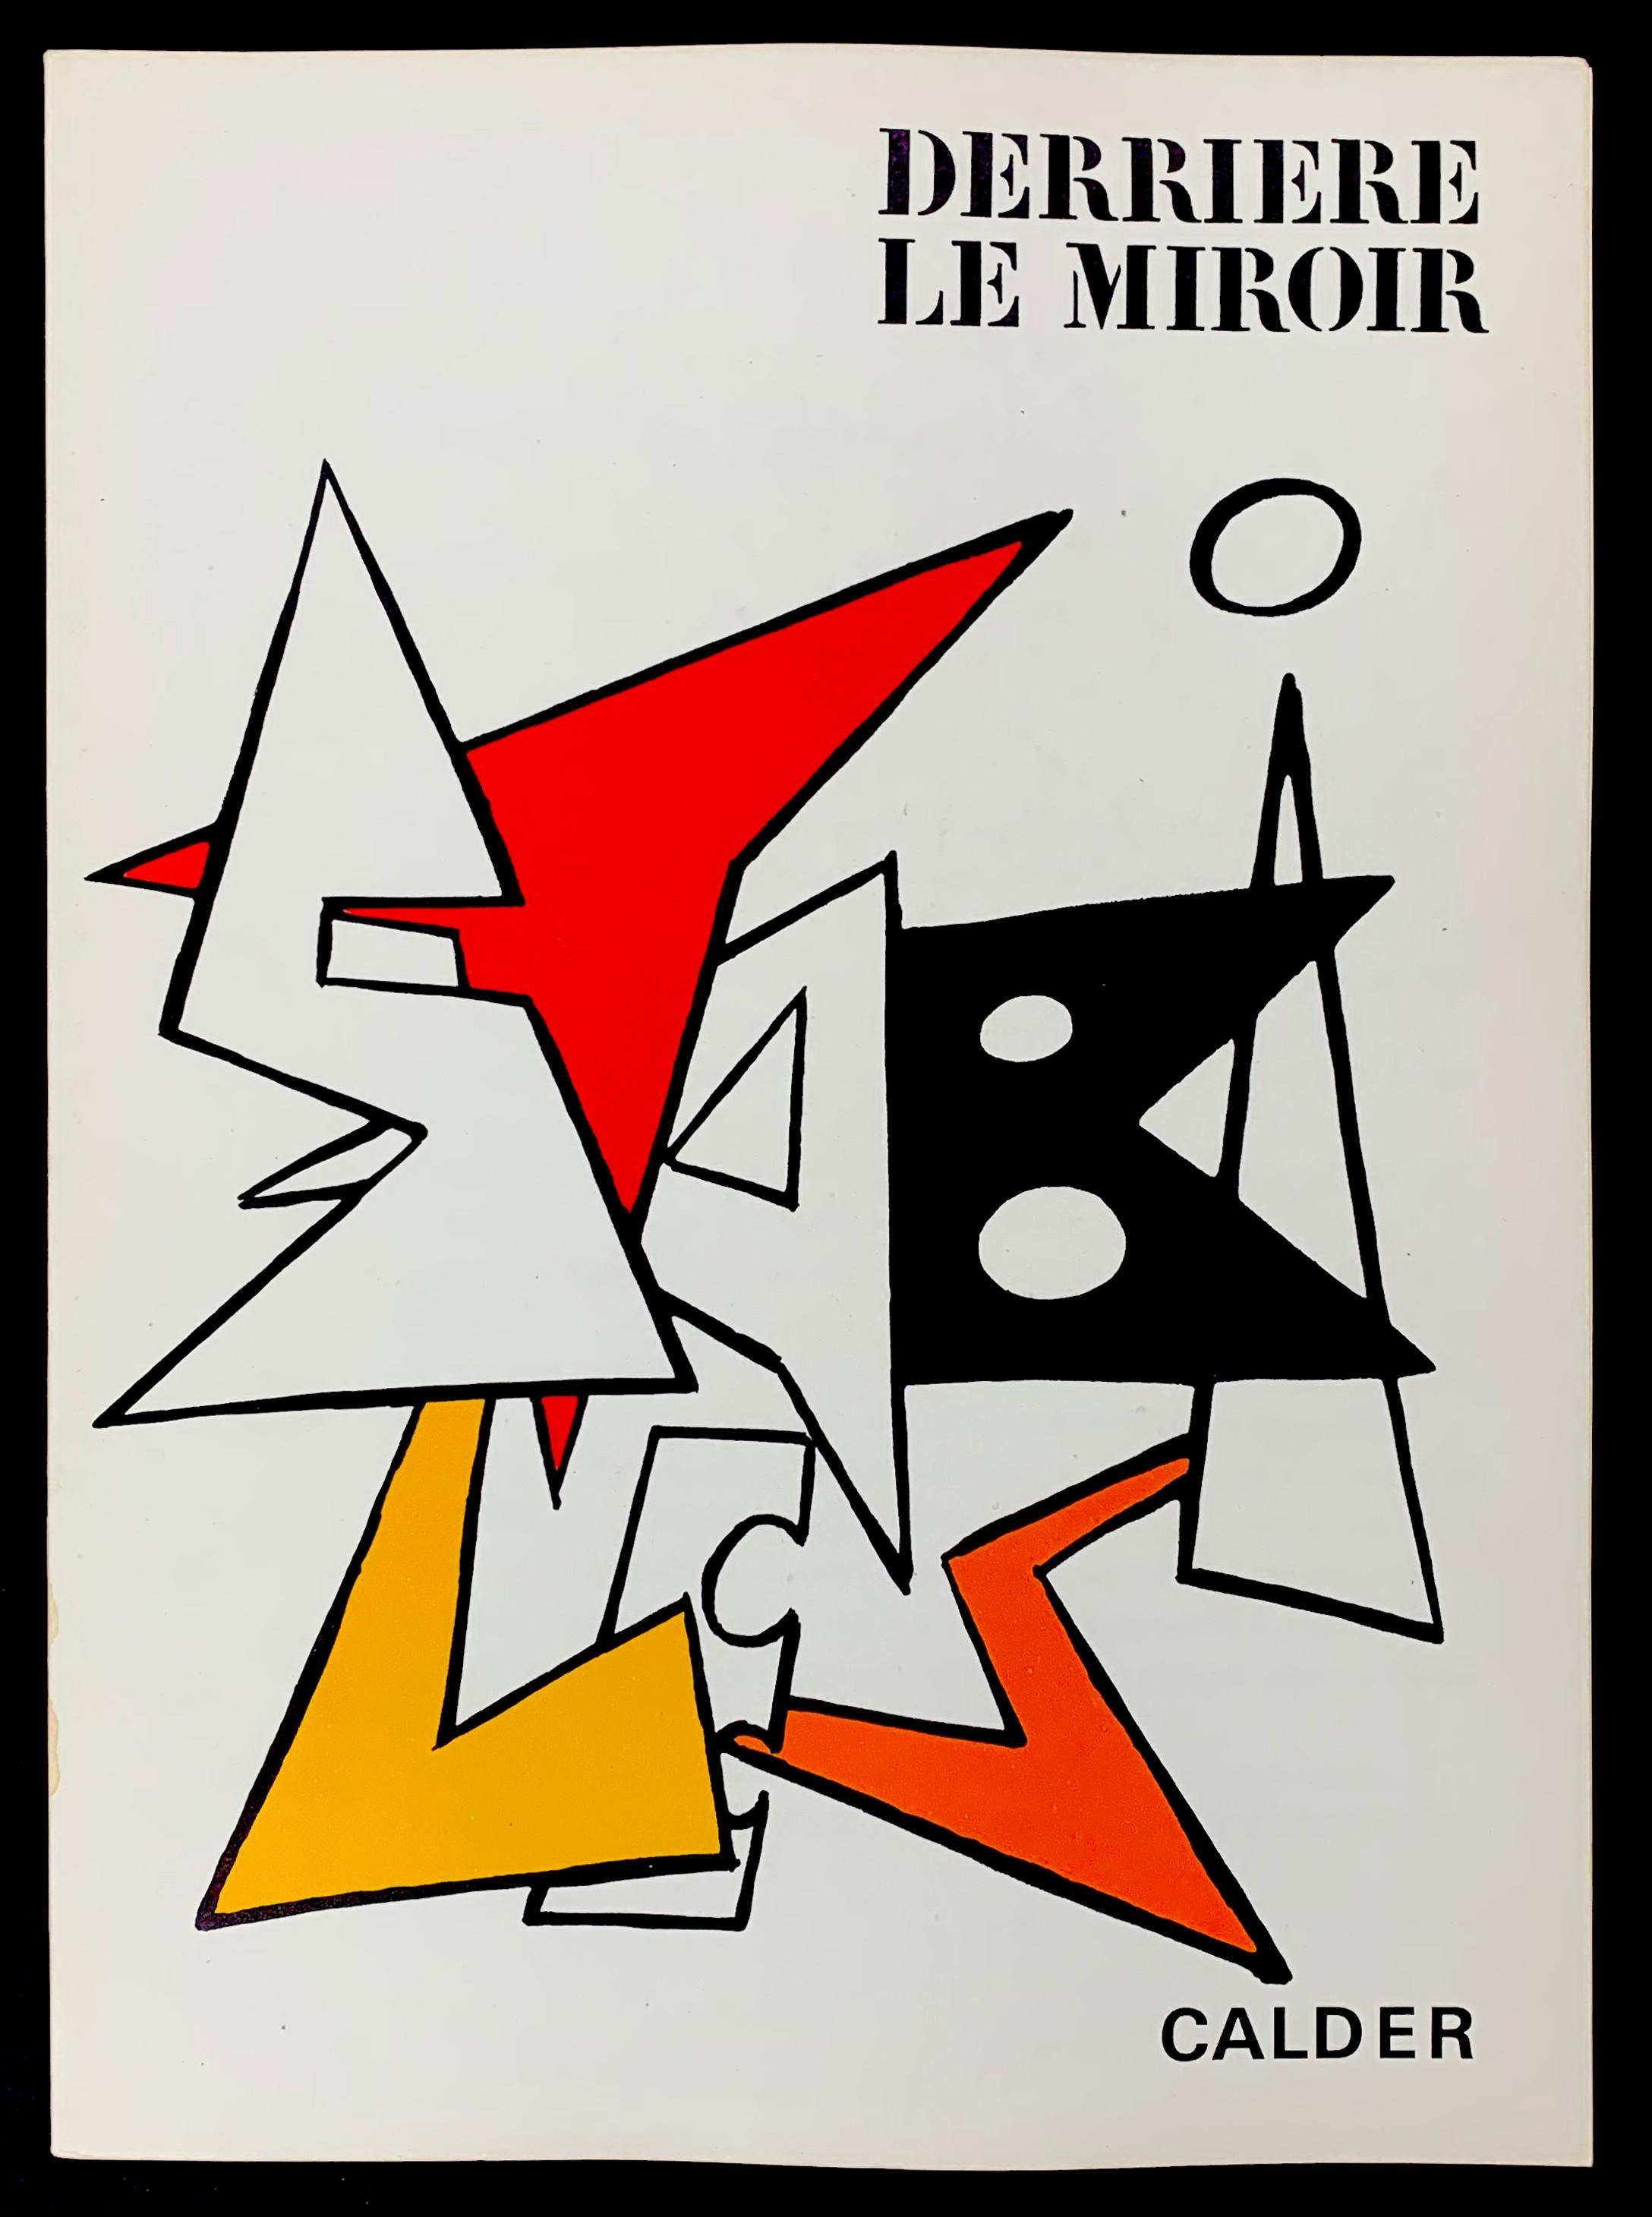 Derriere Le Miroir No. 141 Cover